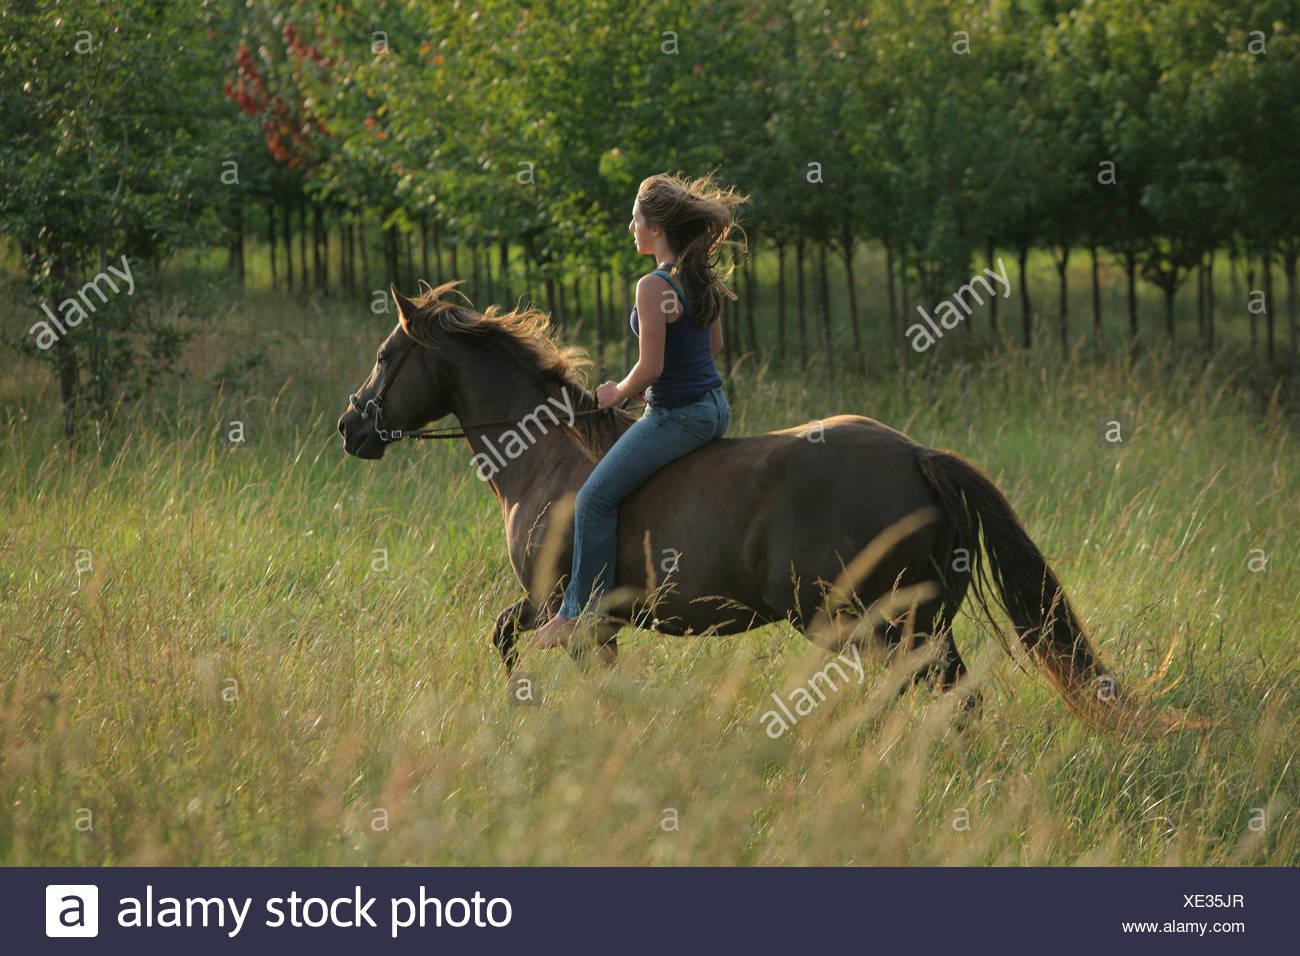 Une adolescente un cheval dans le champ; Troutdale Oregon United States of America Photo Stock